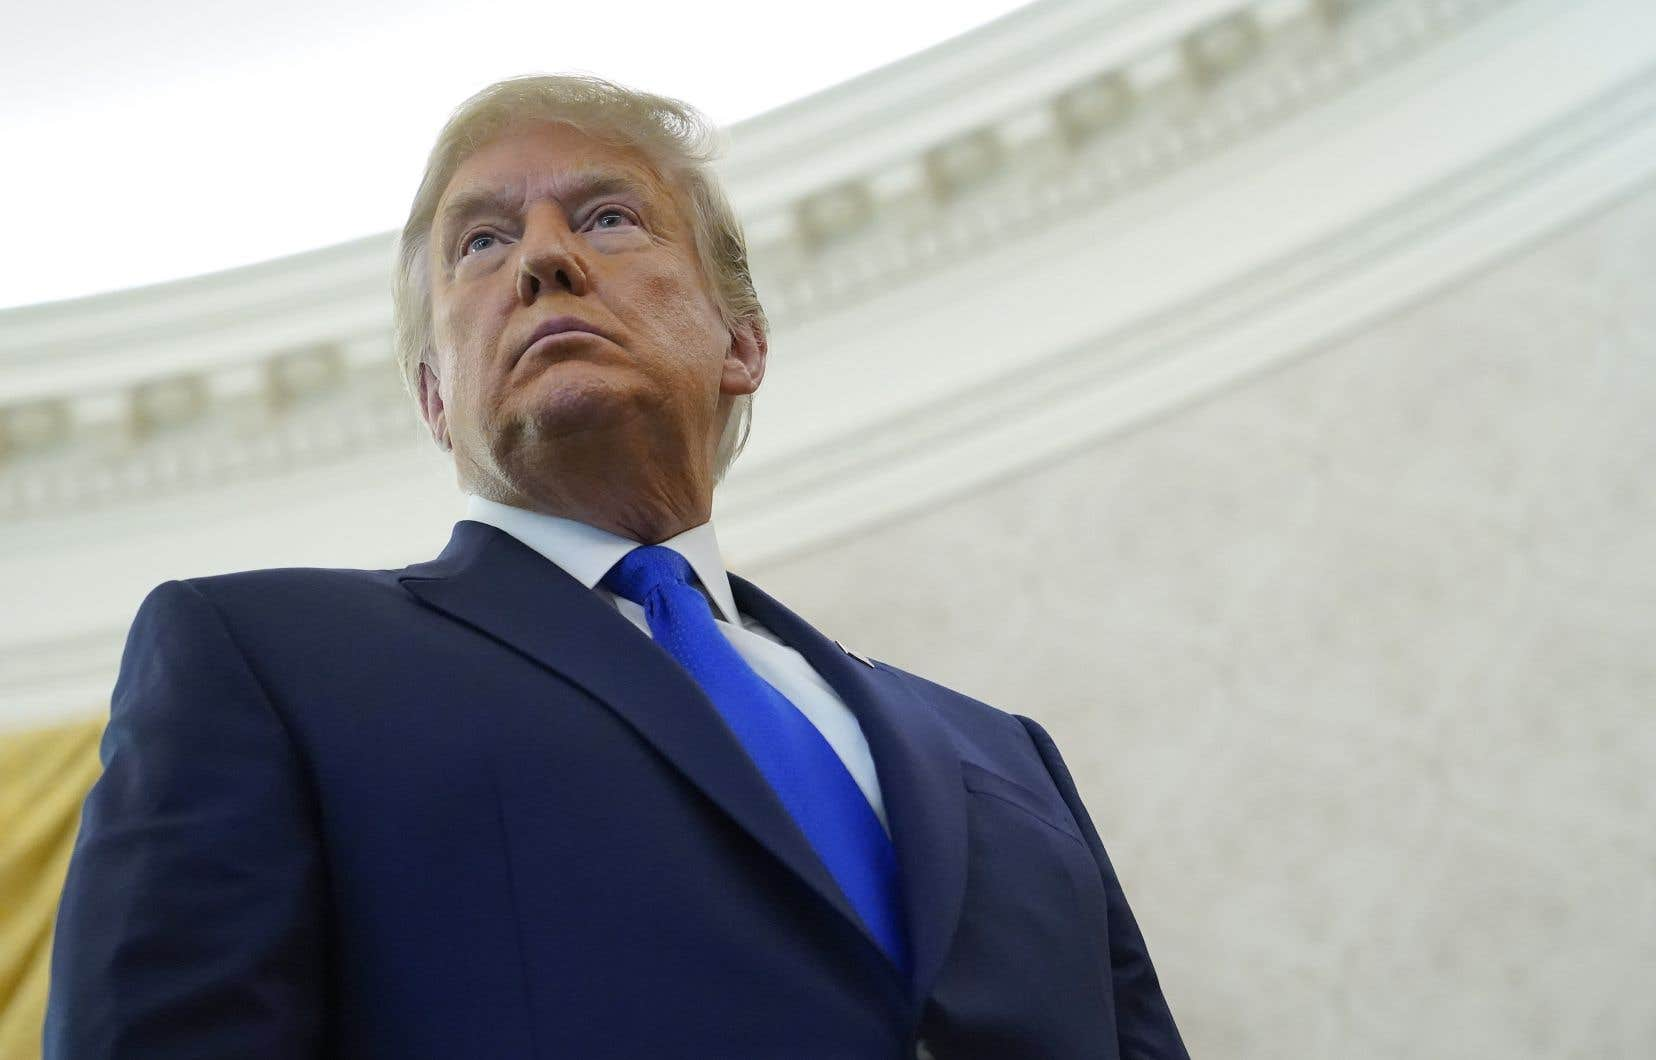 Cinq semaines après le scrutin, Donal Trump refuse toujours de concéder sa défaite face au démocrate Joe Biden et assure que l'élection lui a été «volée».